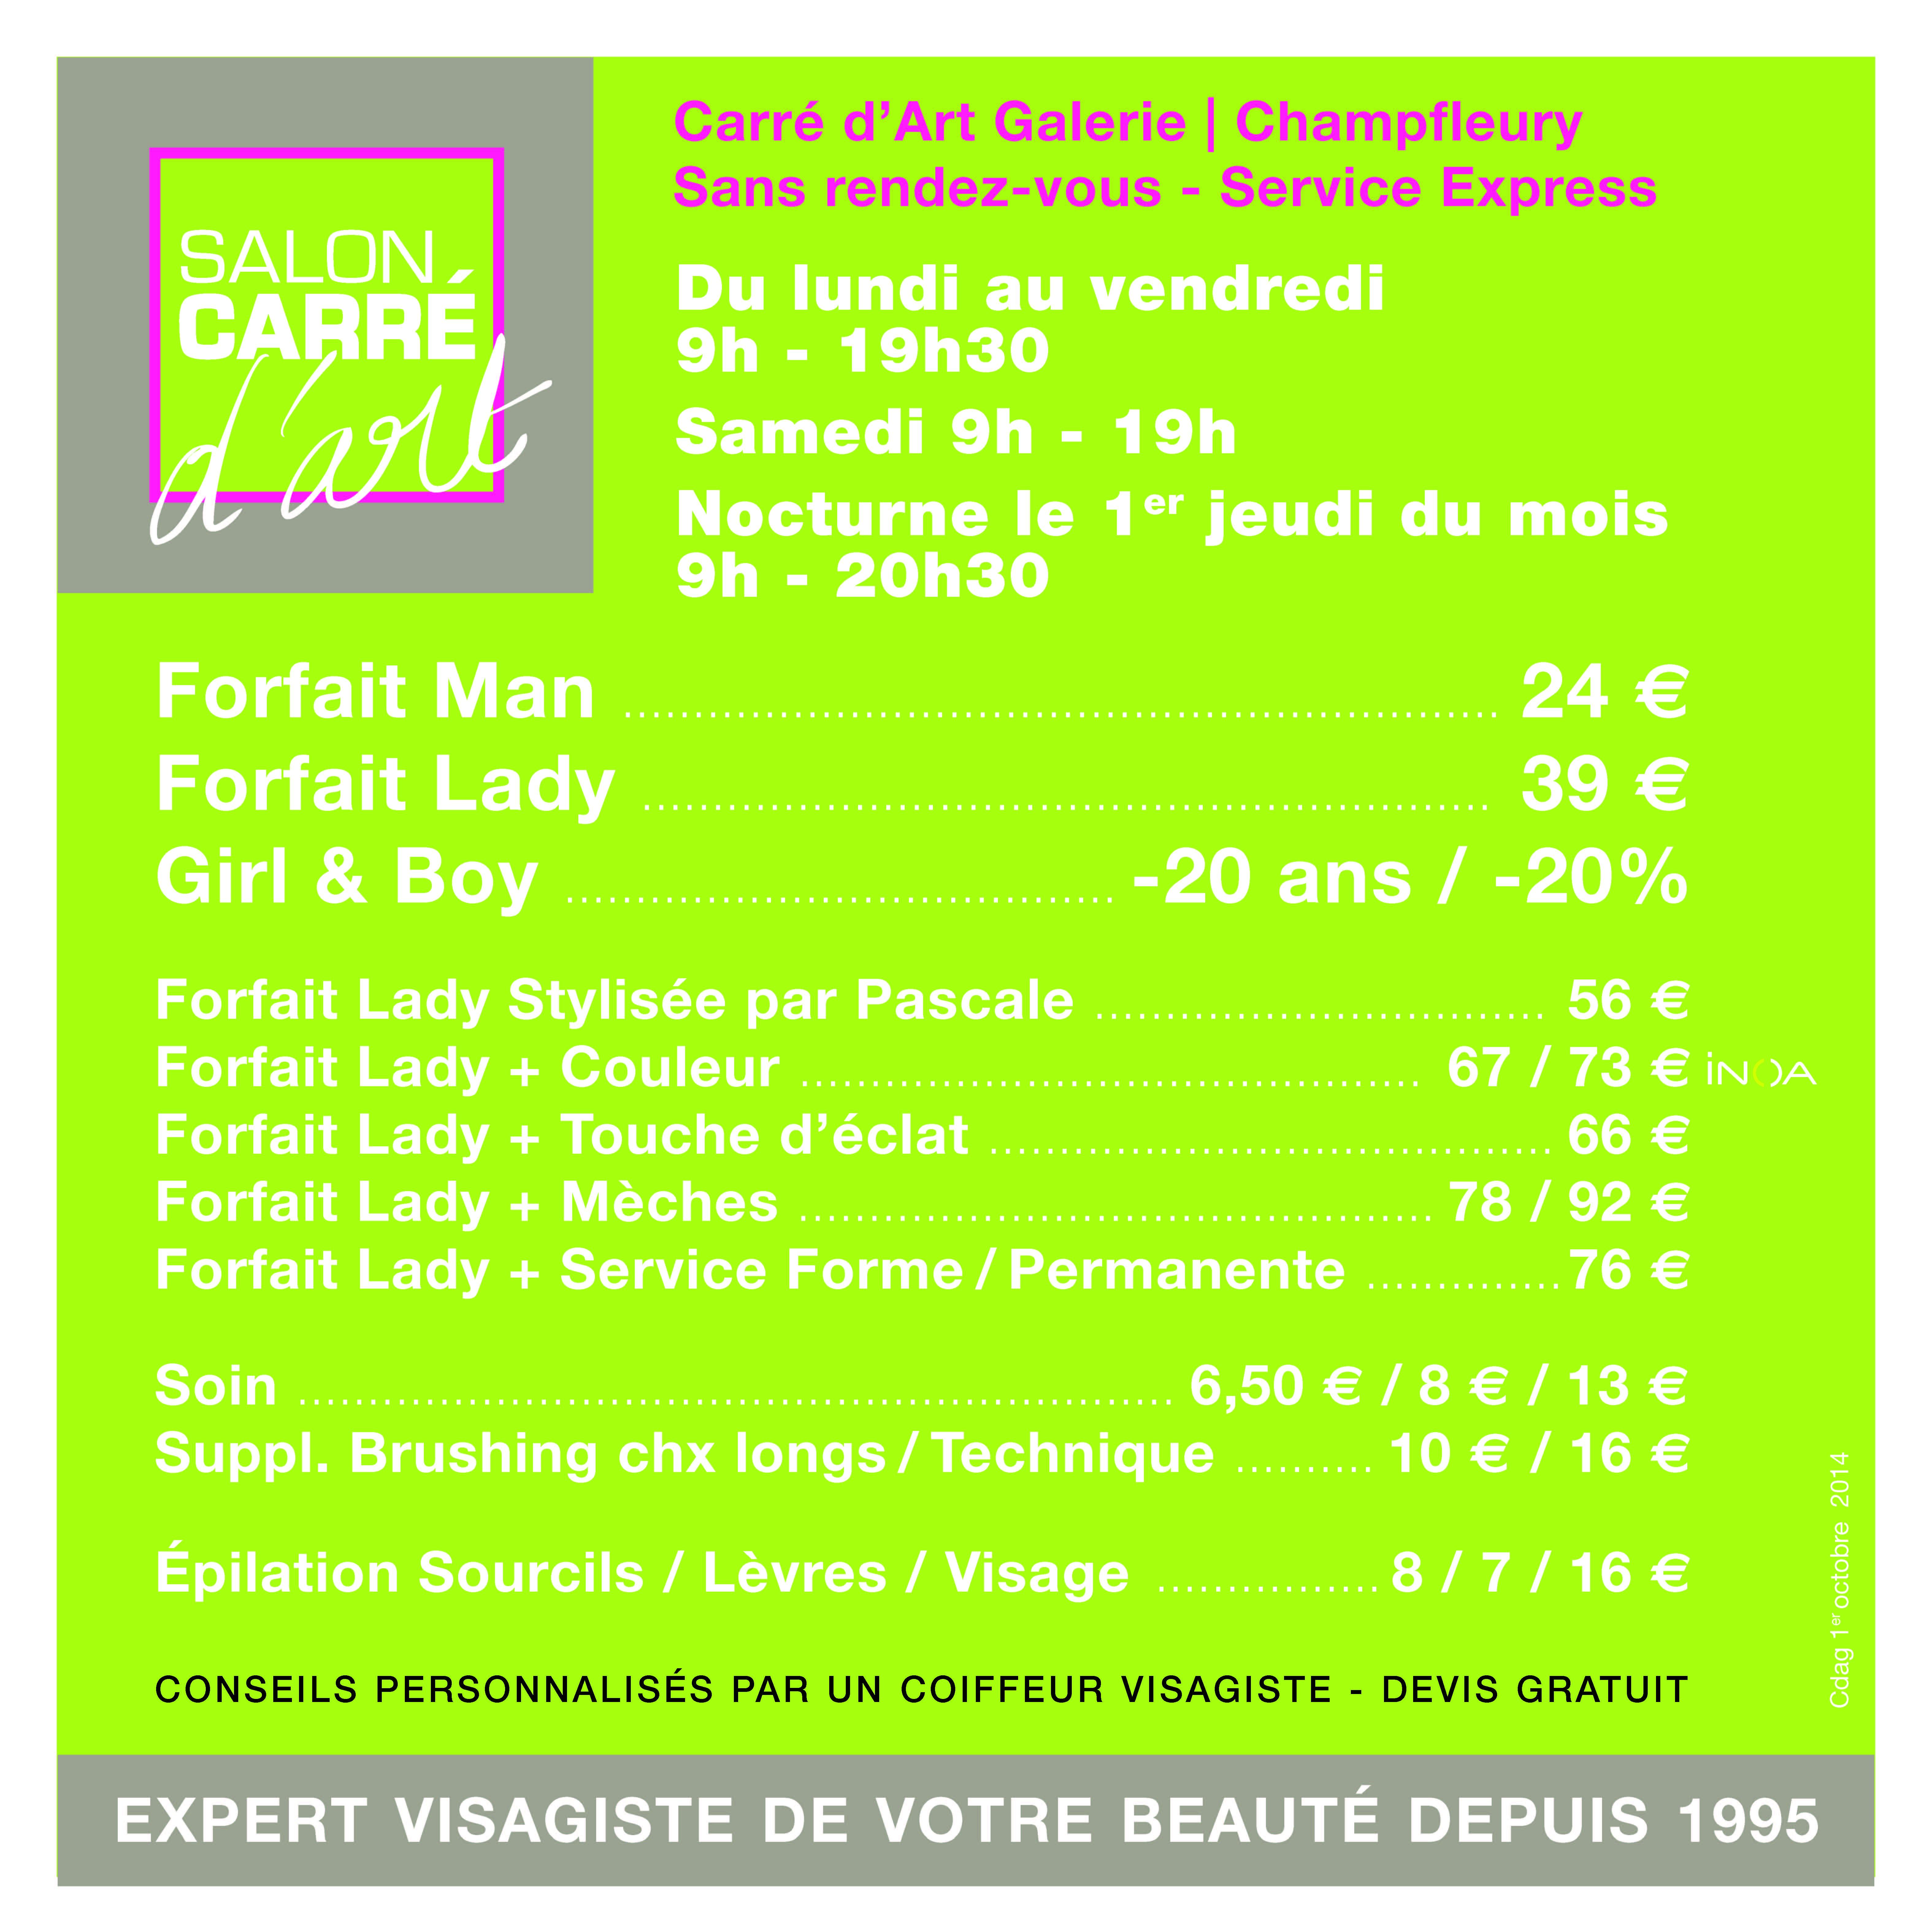 tarif salon coiffure carré d'art champfleury « Coiffeur Visagiste ...